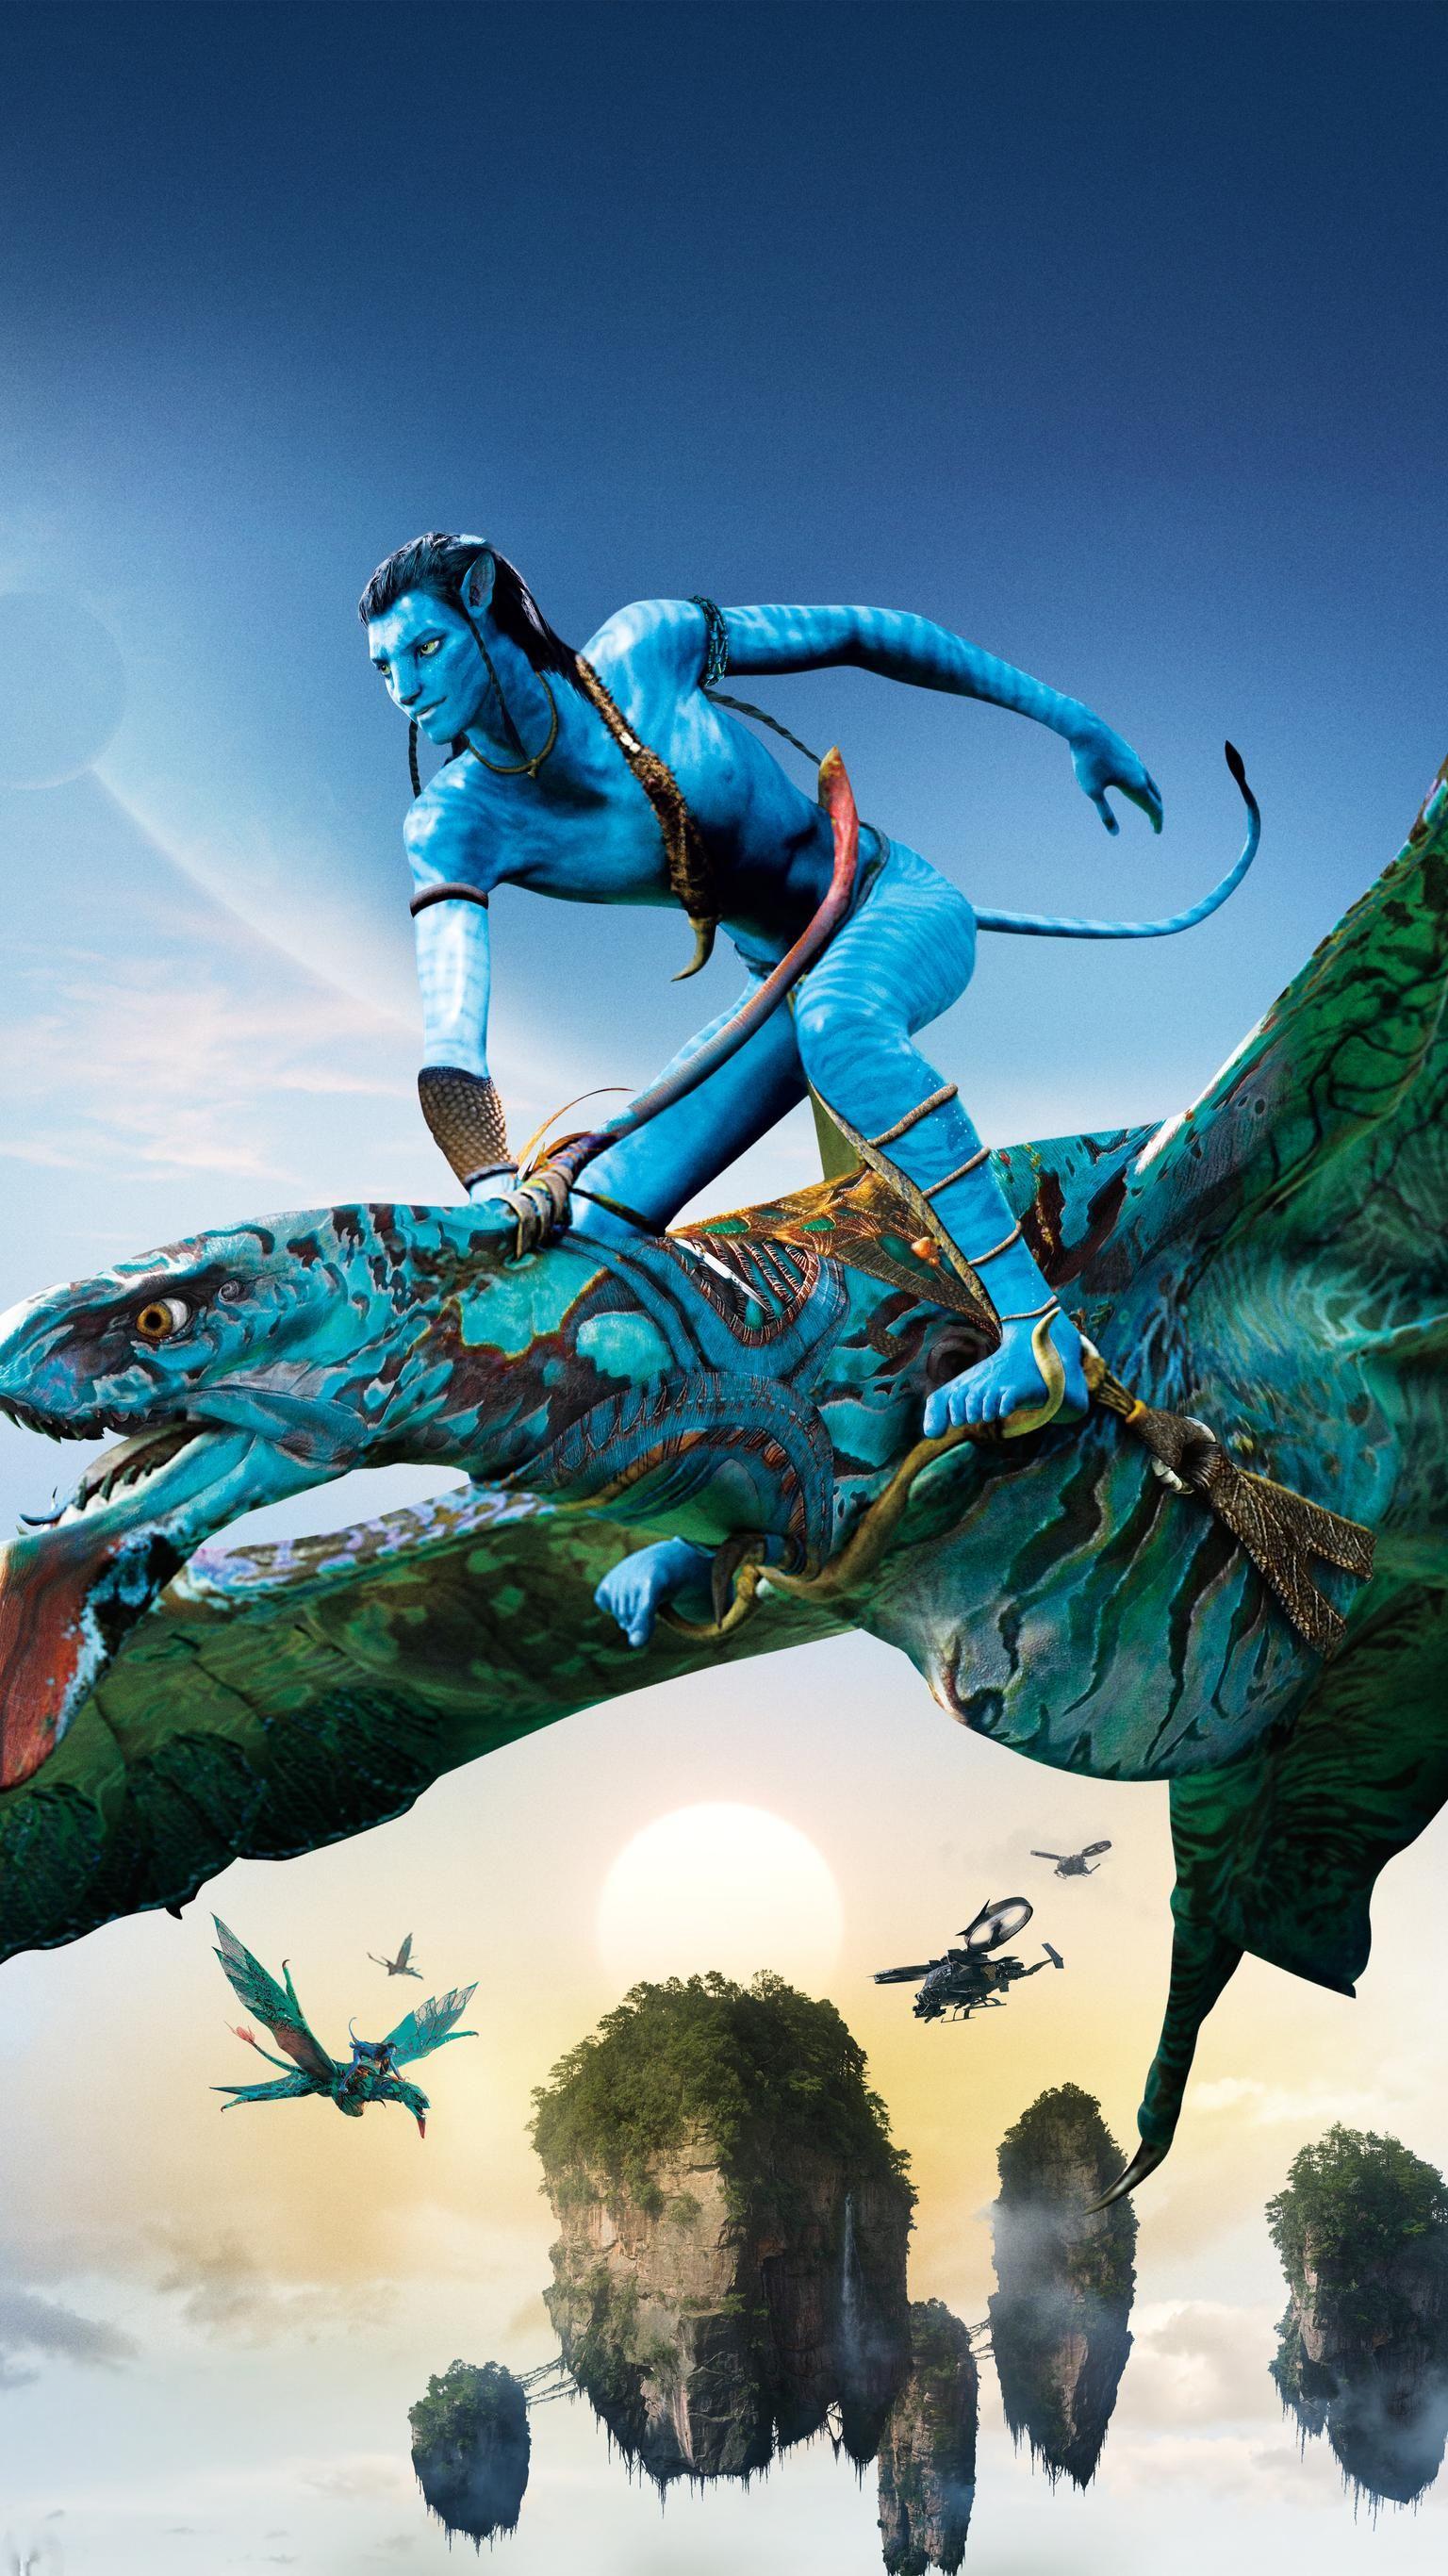 Pin on Avatar movie